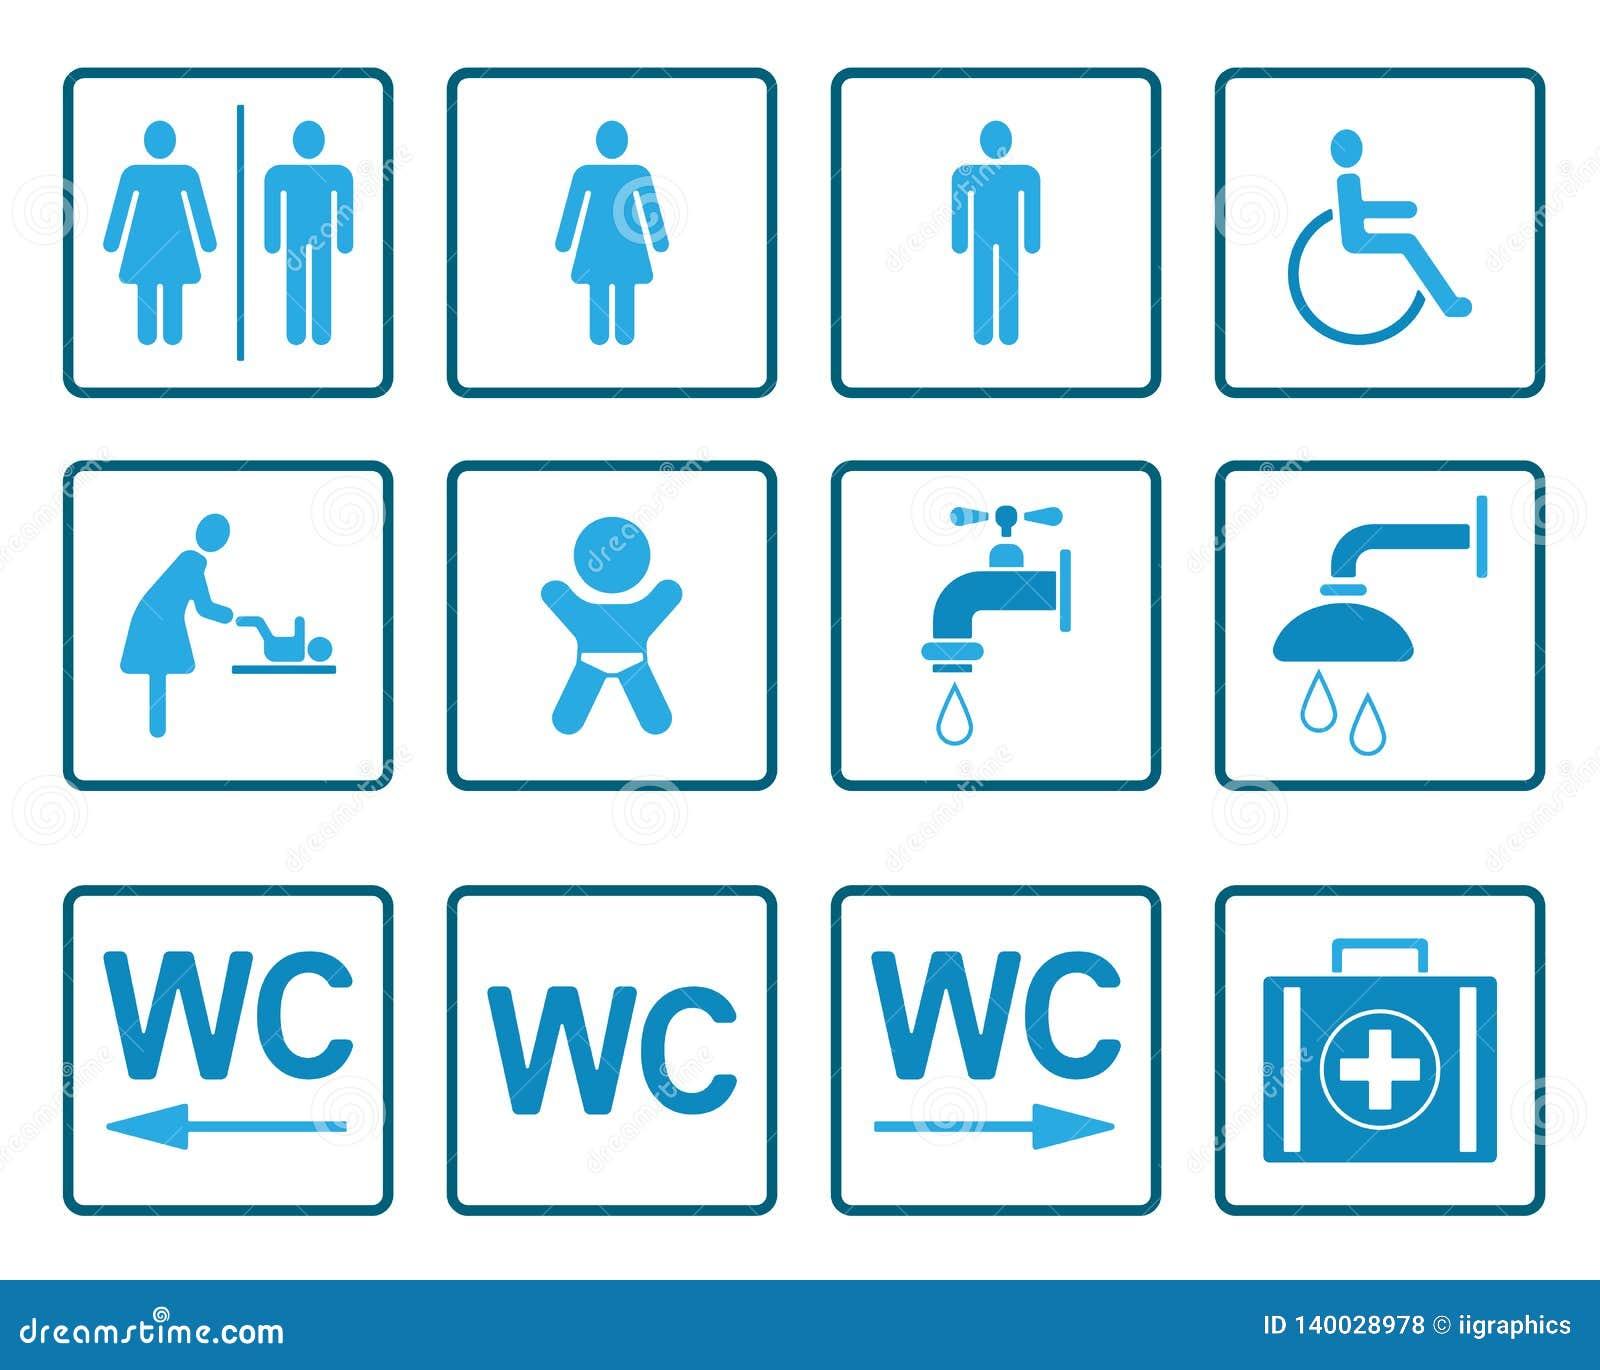 WC- u. Toiletten-Piktogramme - Iconset